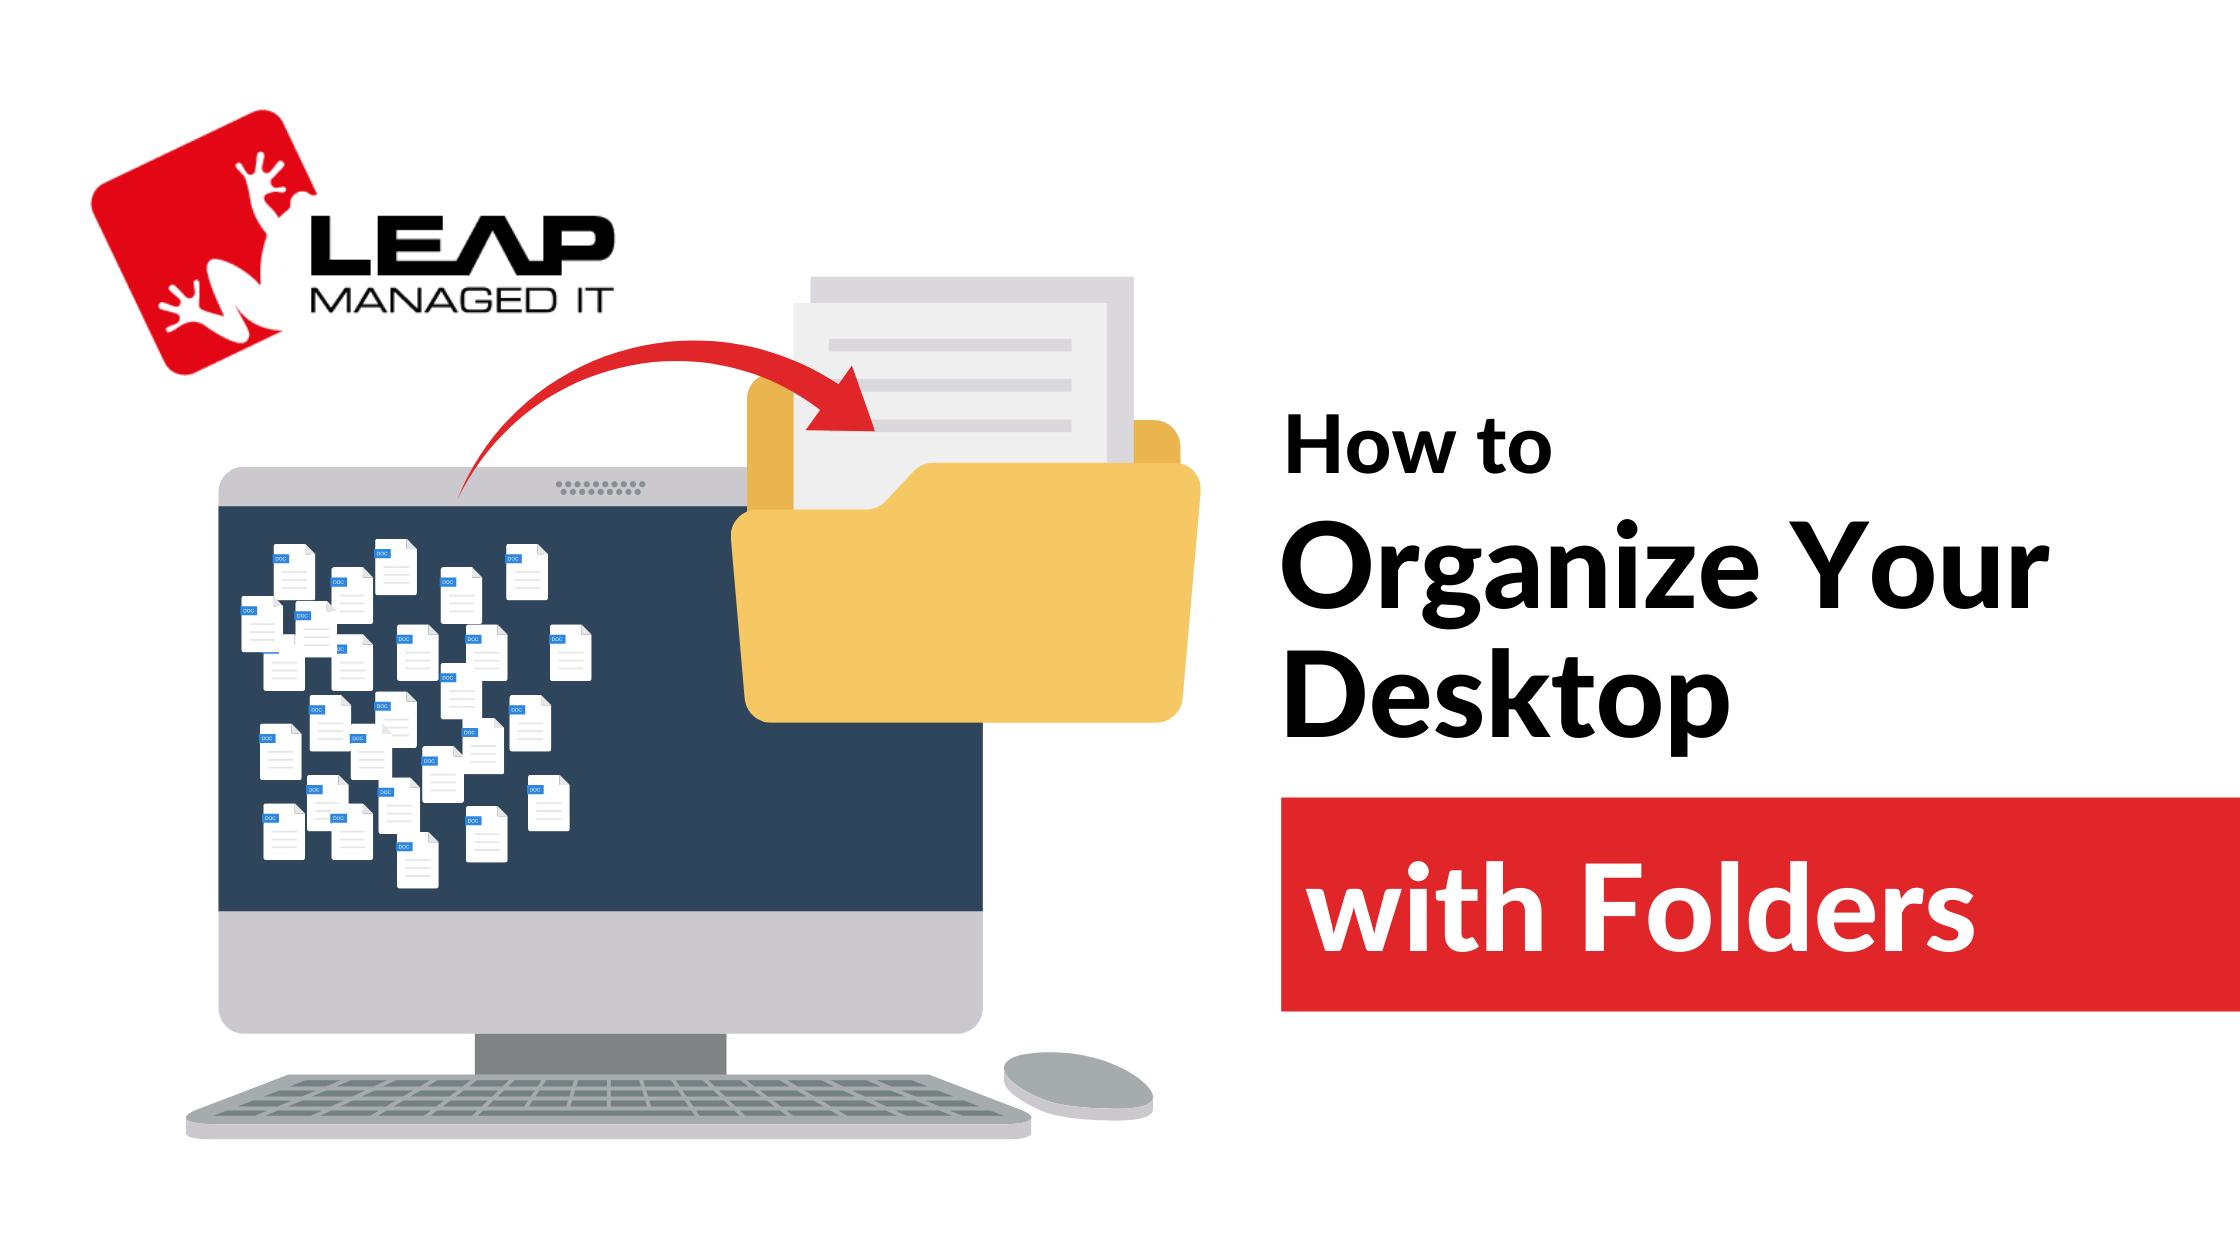 Indianapolis Help Desk Tip: Make a Desktop Folder